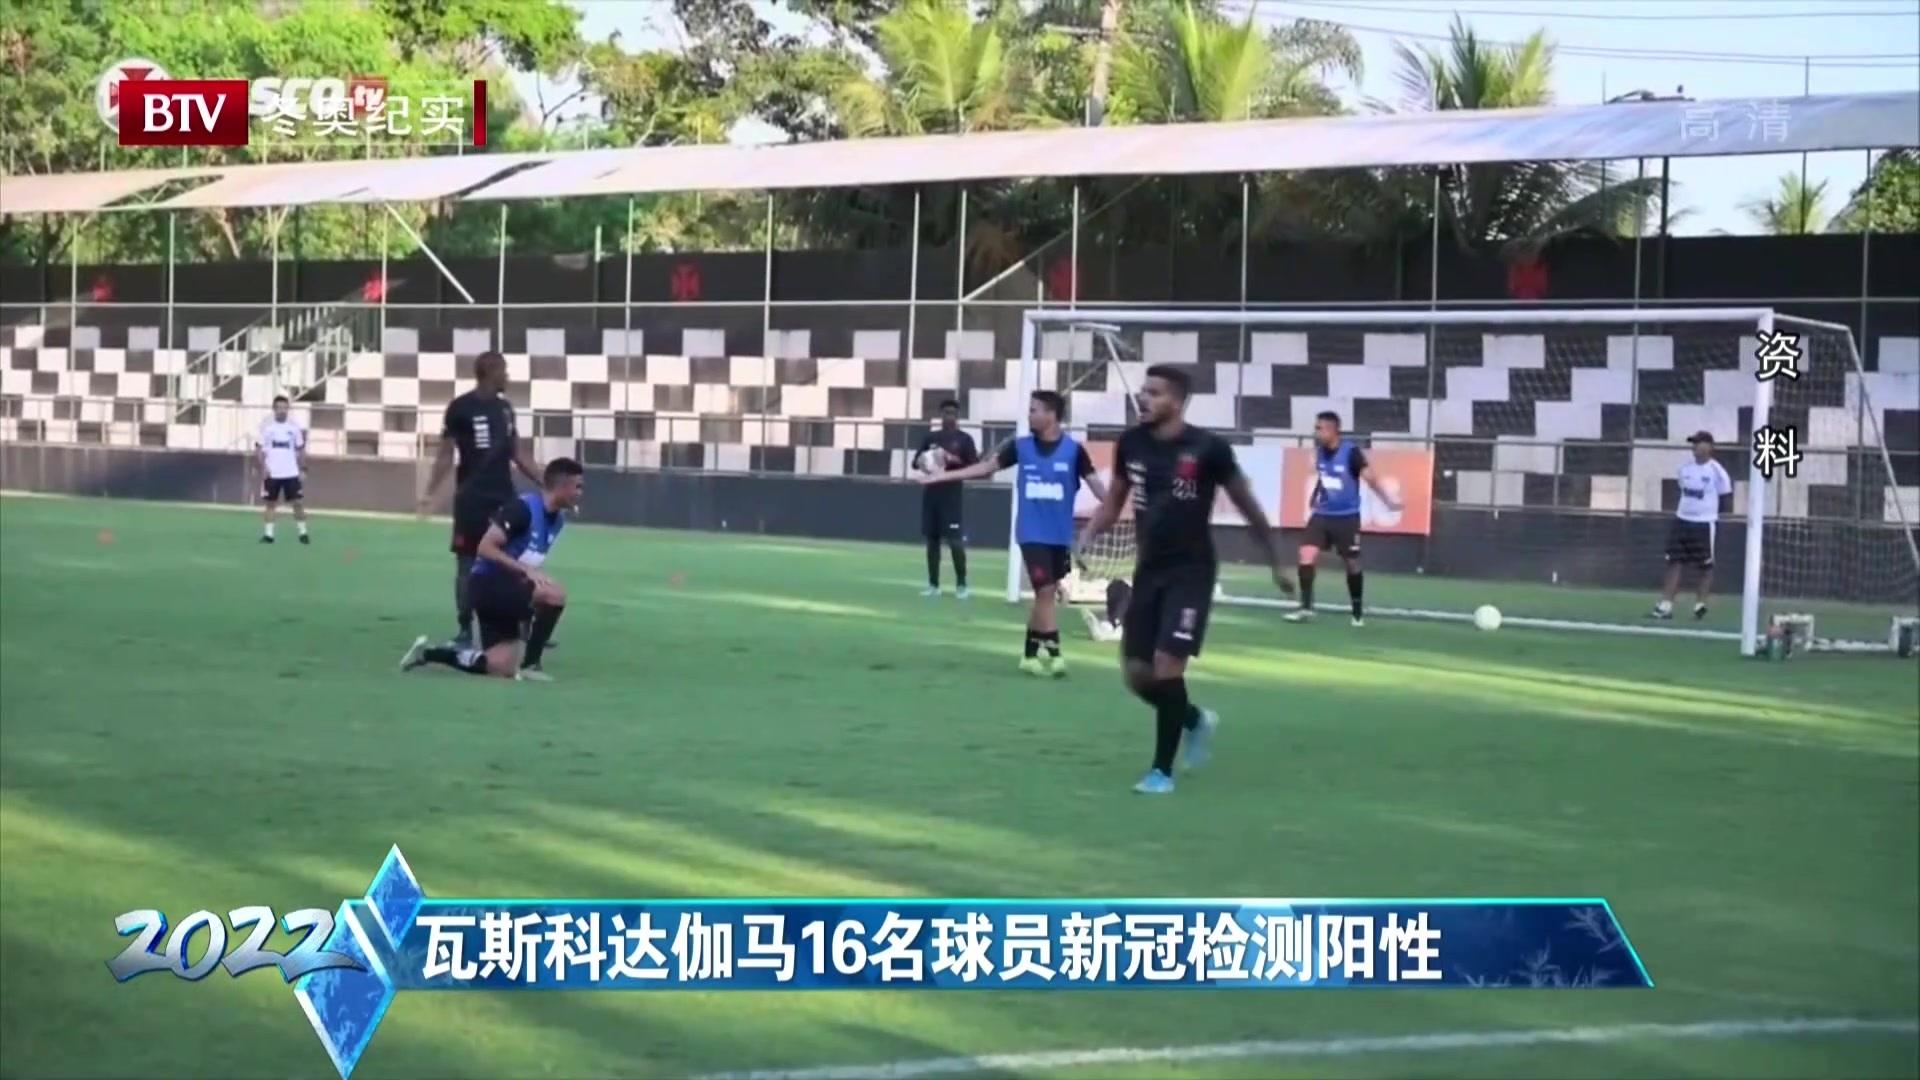 瓦斯科达伽马16名球员新冠检测阳性